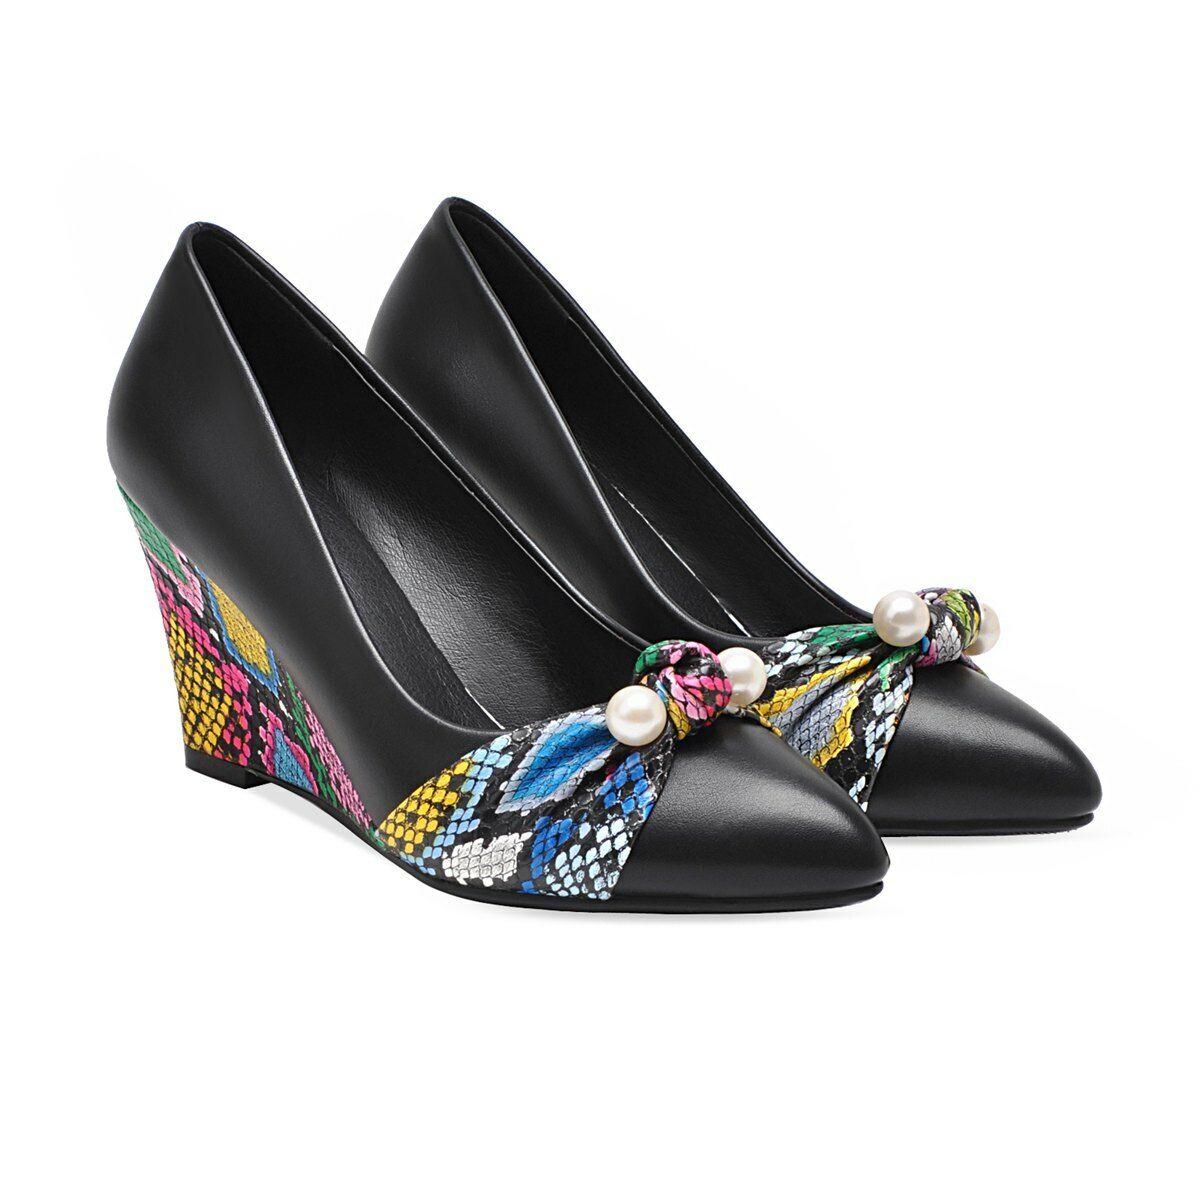 Casual bout pointue Cuir Femmes Chaussures à Enfiler Mode solide de couleur élégant Hot